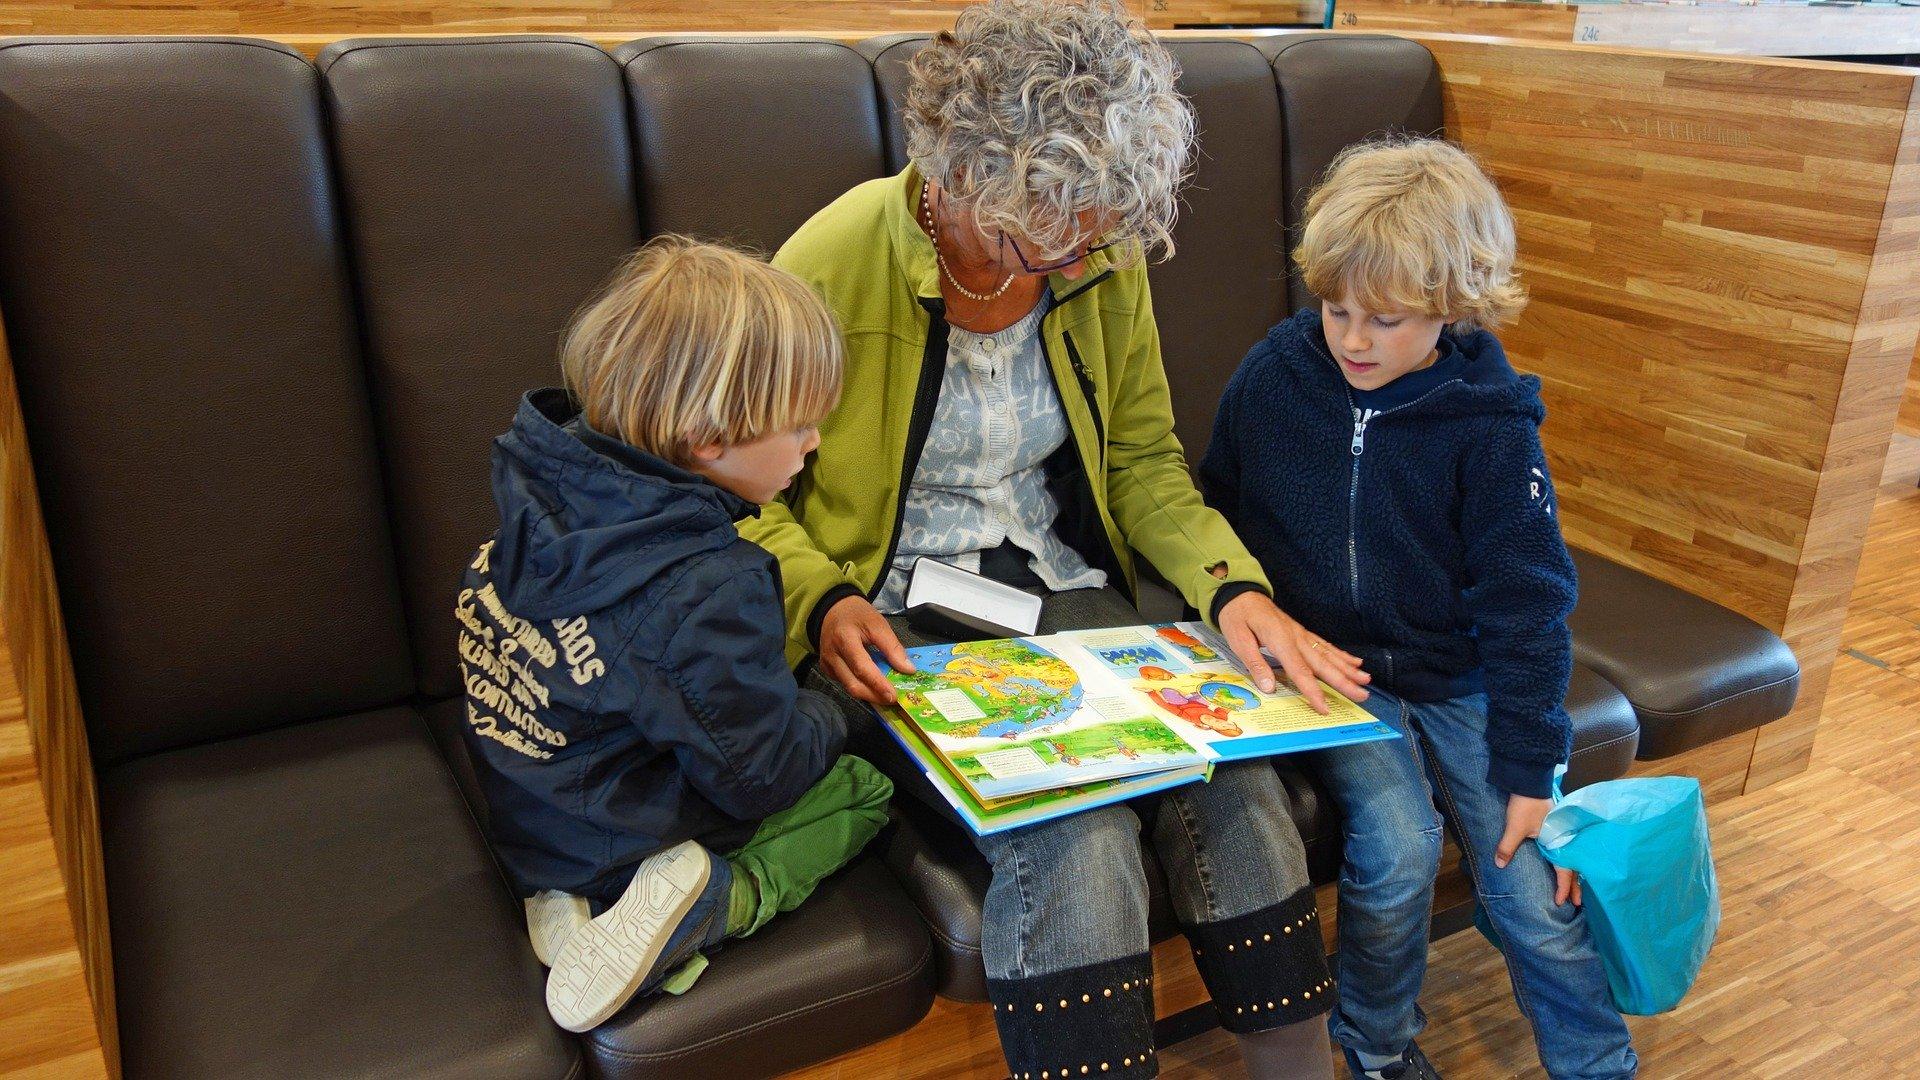 Lecturas para celebrar el Día del Libro en confinamiento